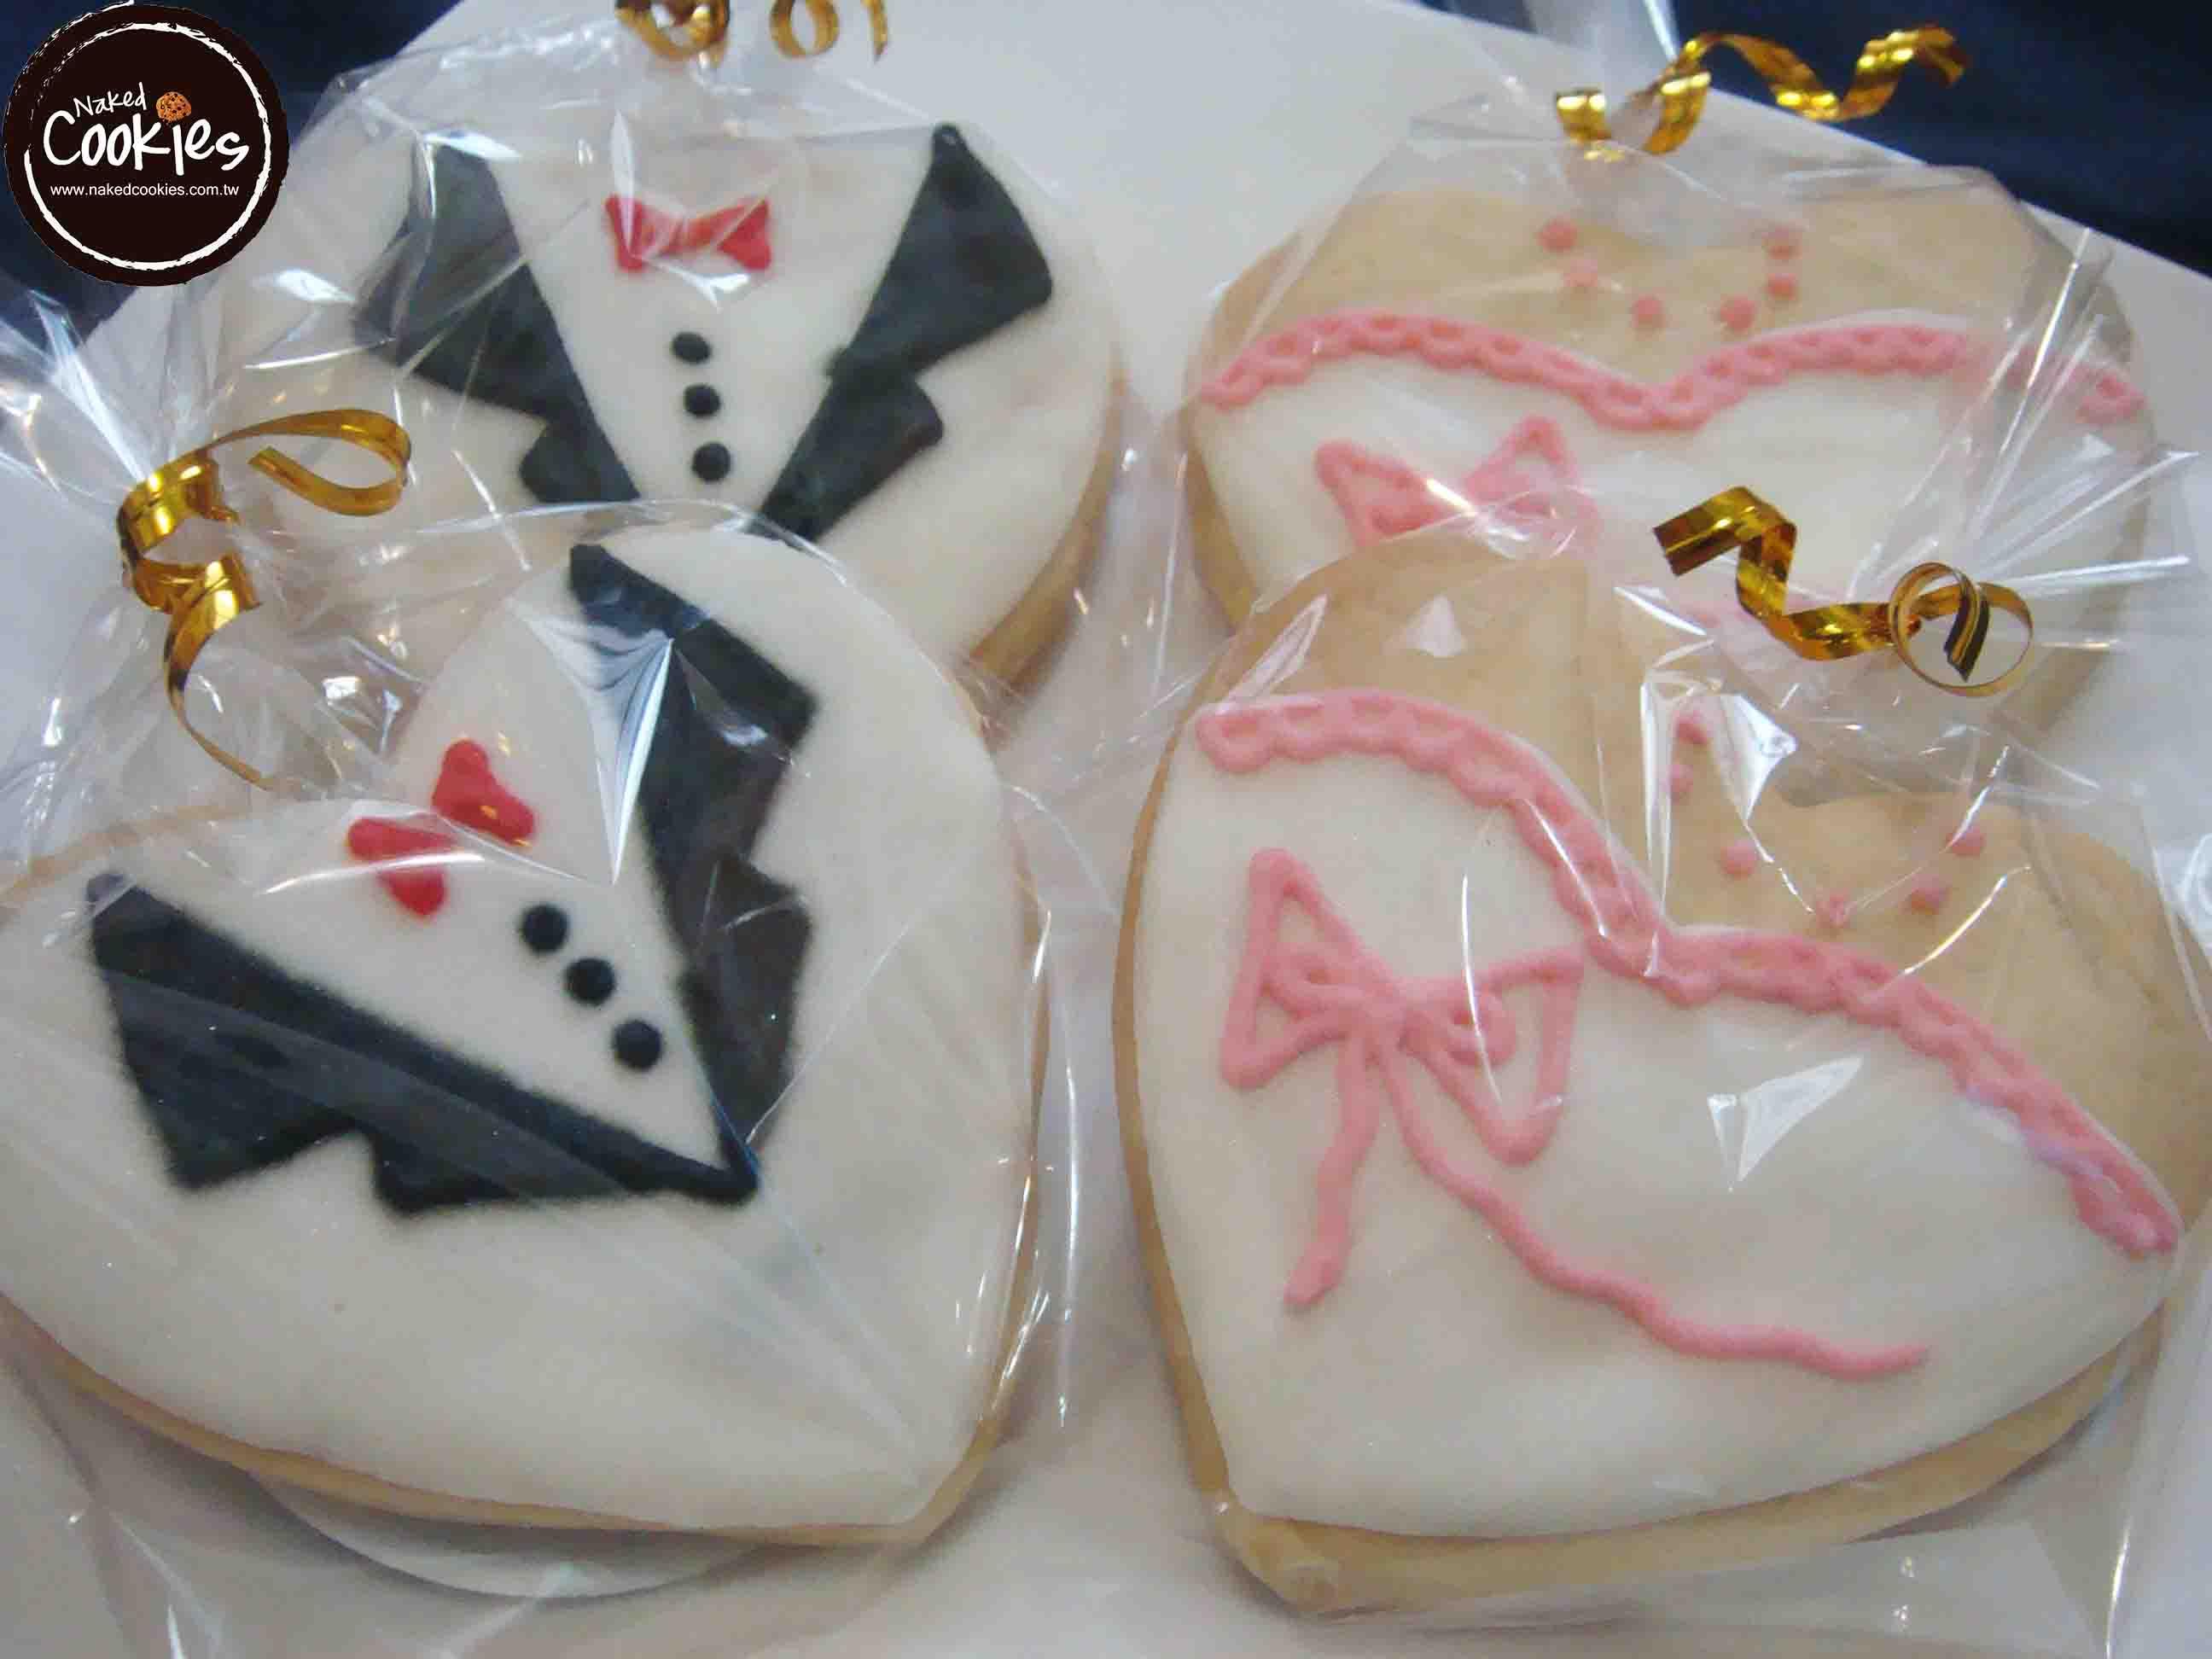 【Naked Cookies】婚禮婚紗白西裝款-創意手工糖霜餅乾,婚禮/生日/活動/收涎/彌月